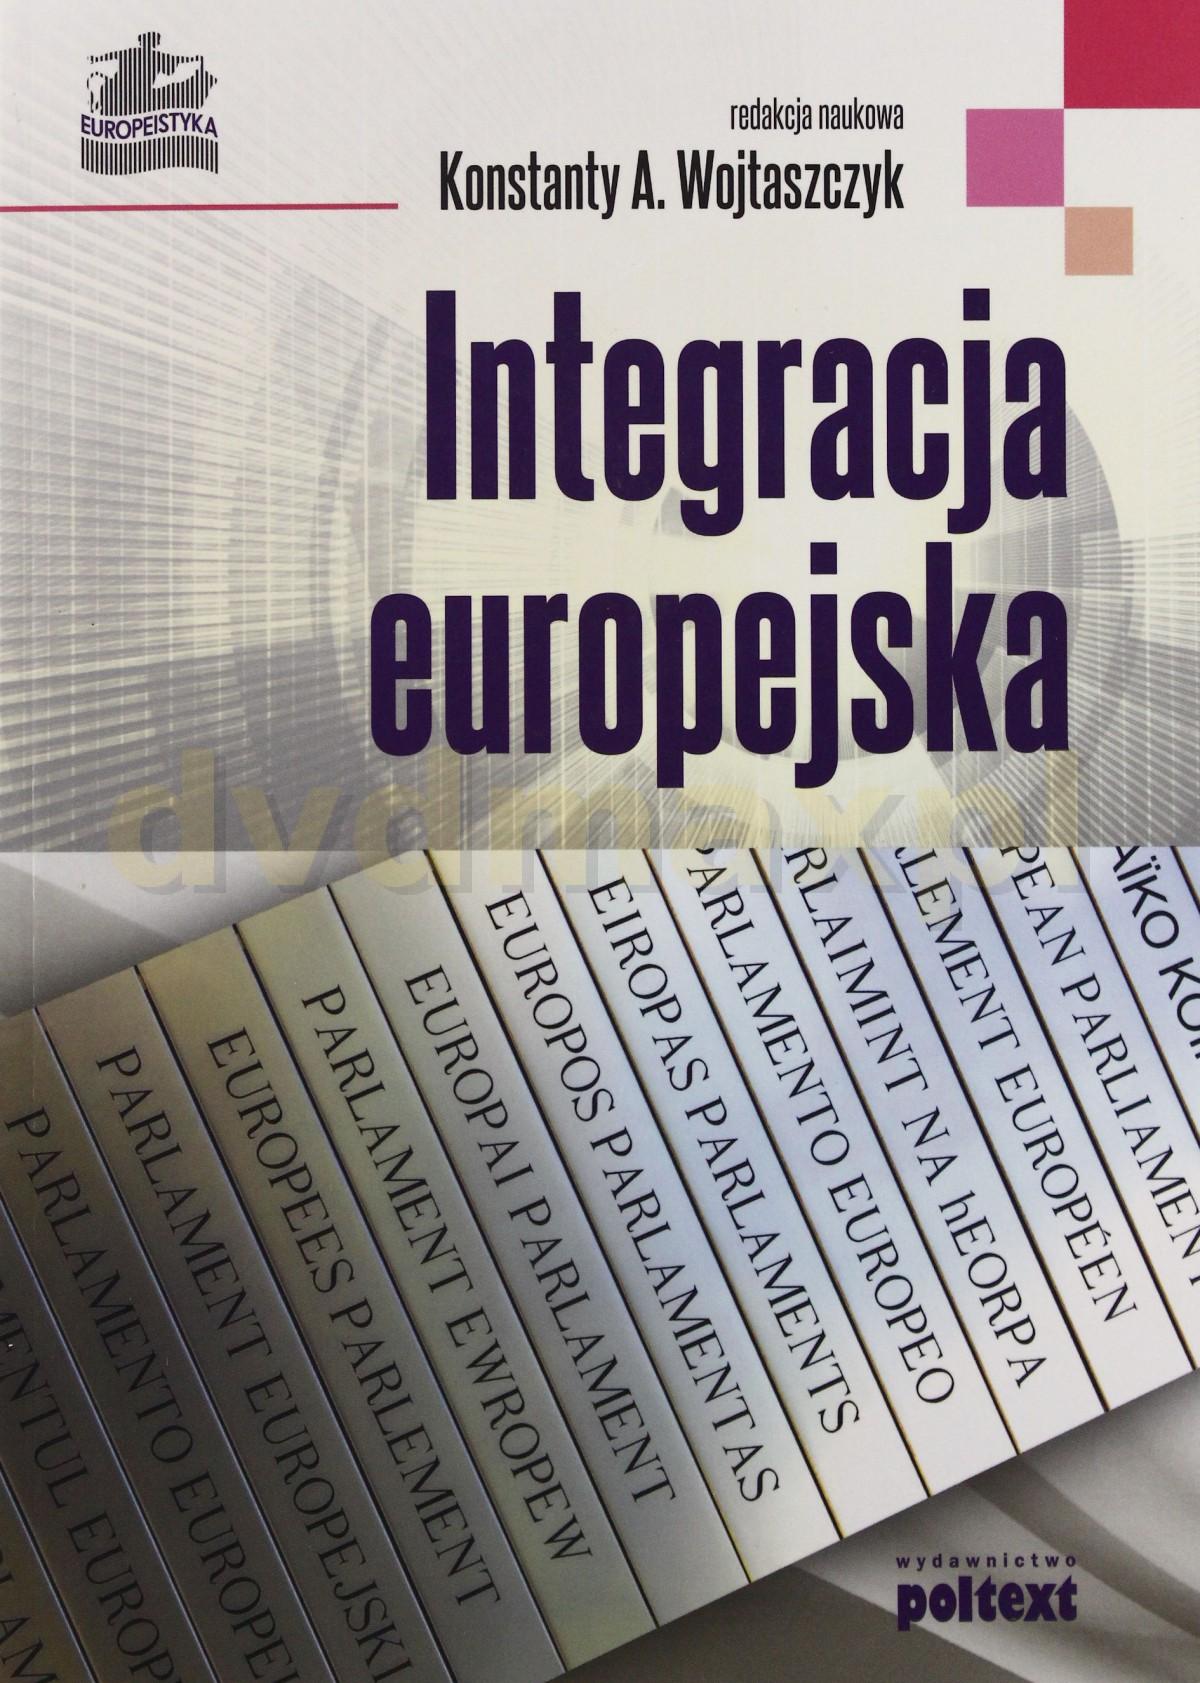 Integracja Europejska - Konstanty A. Wojtaszczyk [KSIĄŻKA] - Konstanty A. Wojtaszczyk